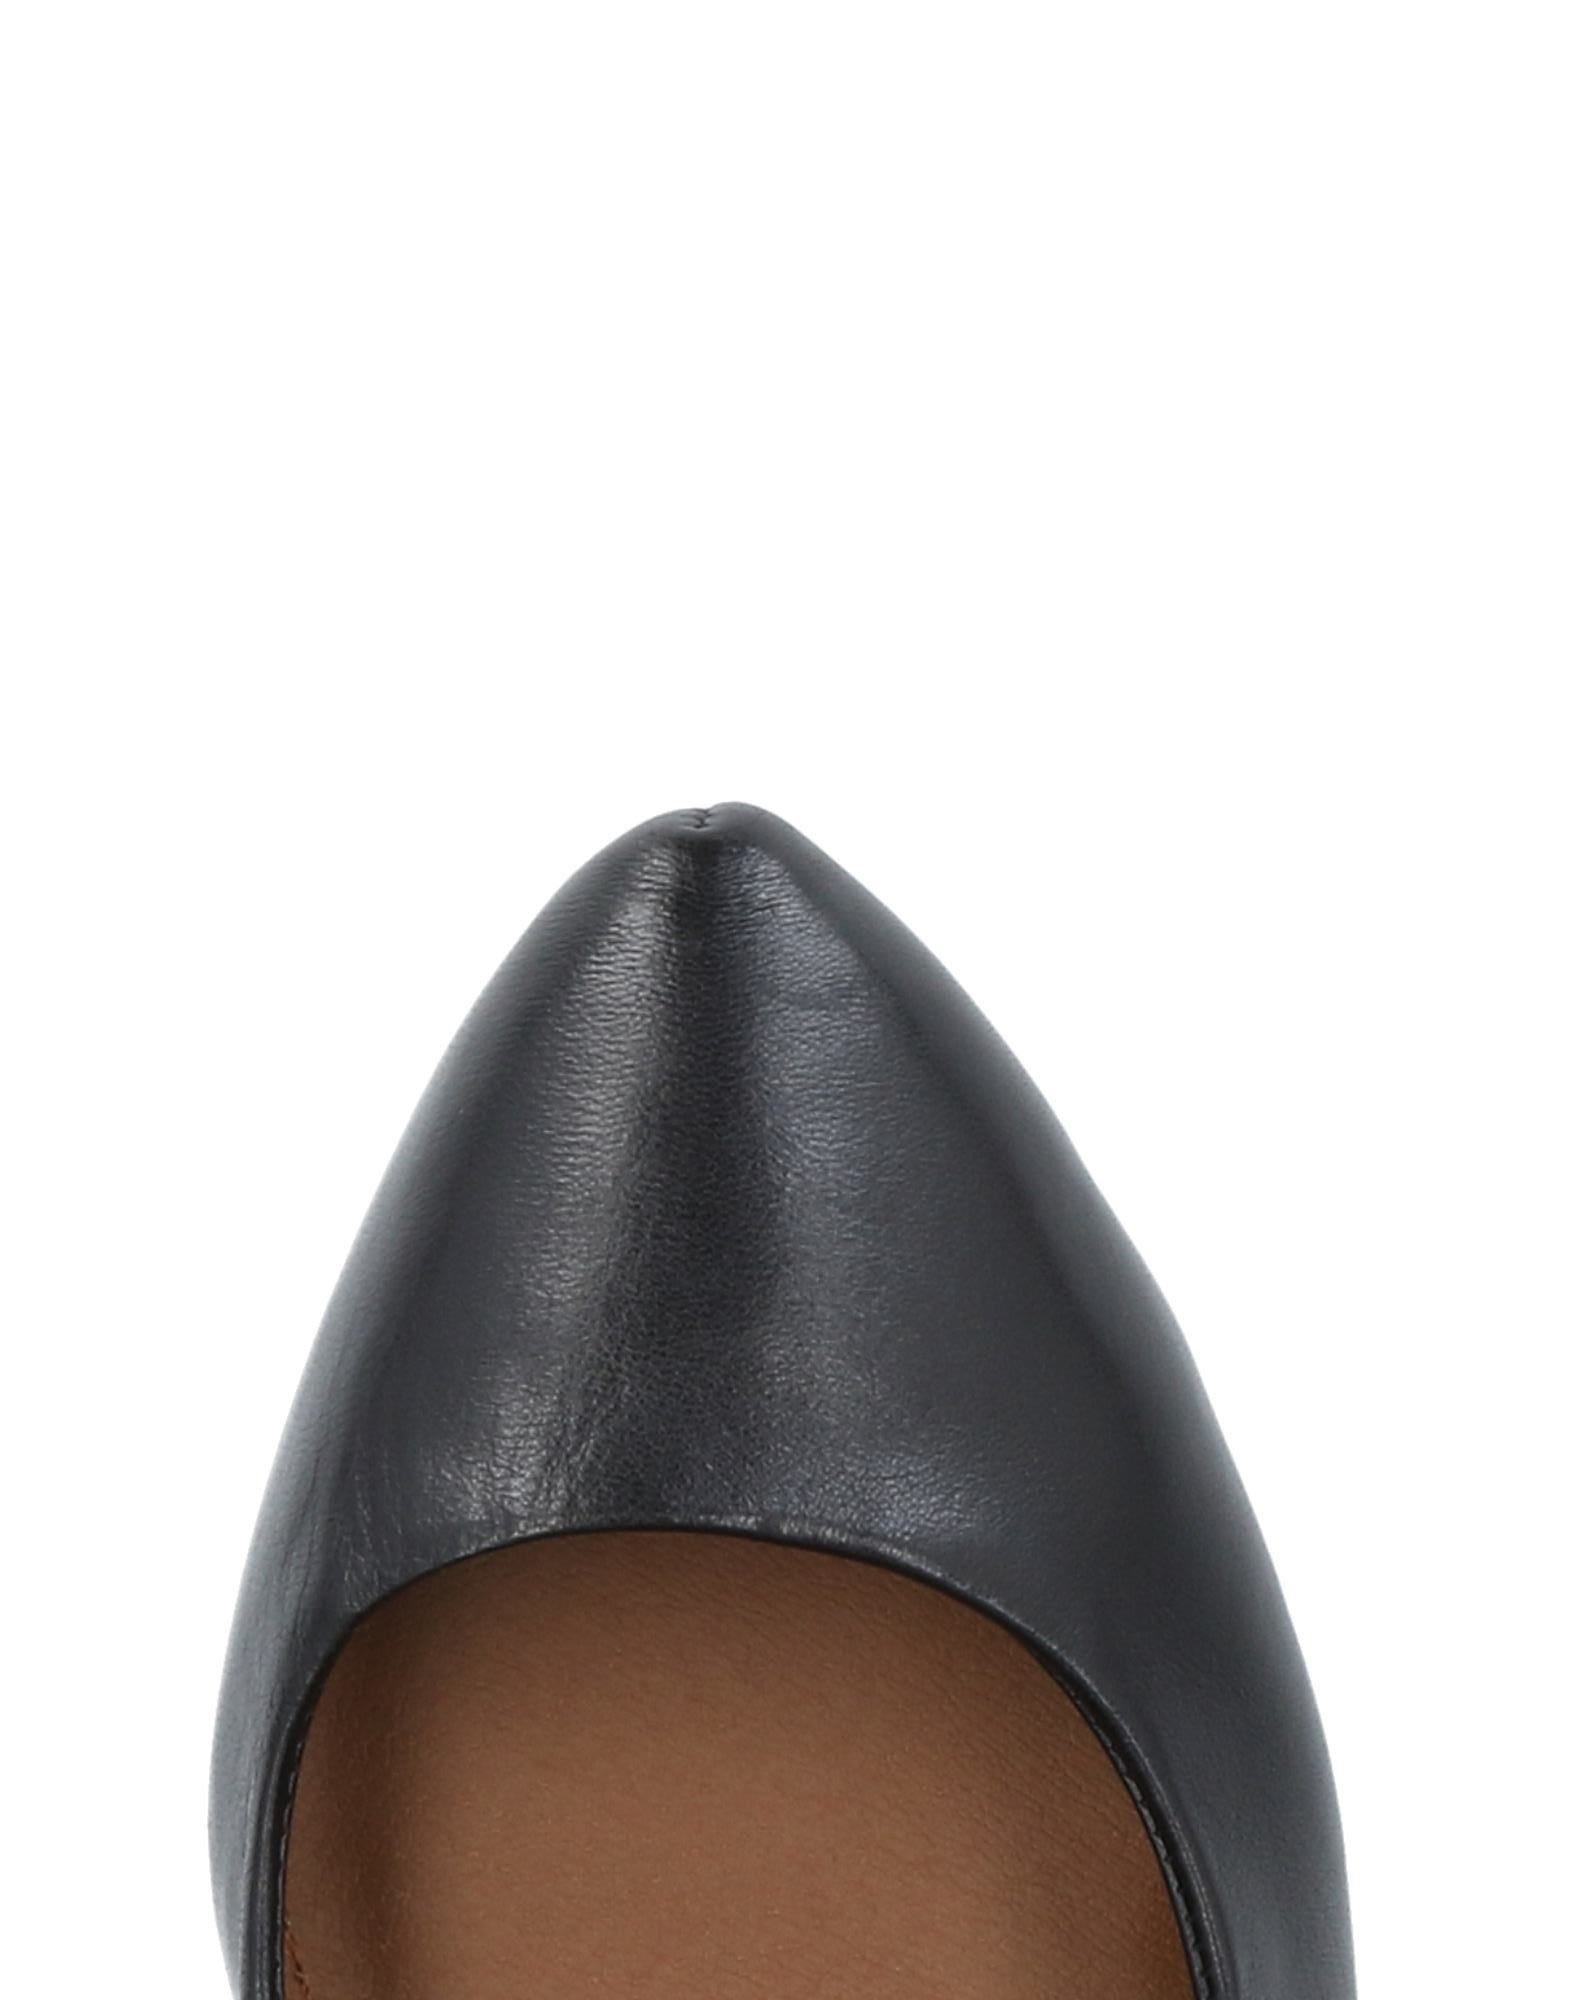 Steve Madden Pumps Qualität Damen  11487435TI Gute Qualität Pumps beliebte Schuhe 15683e